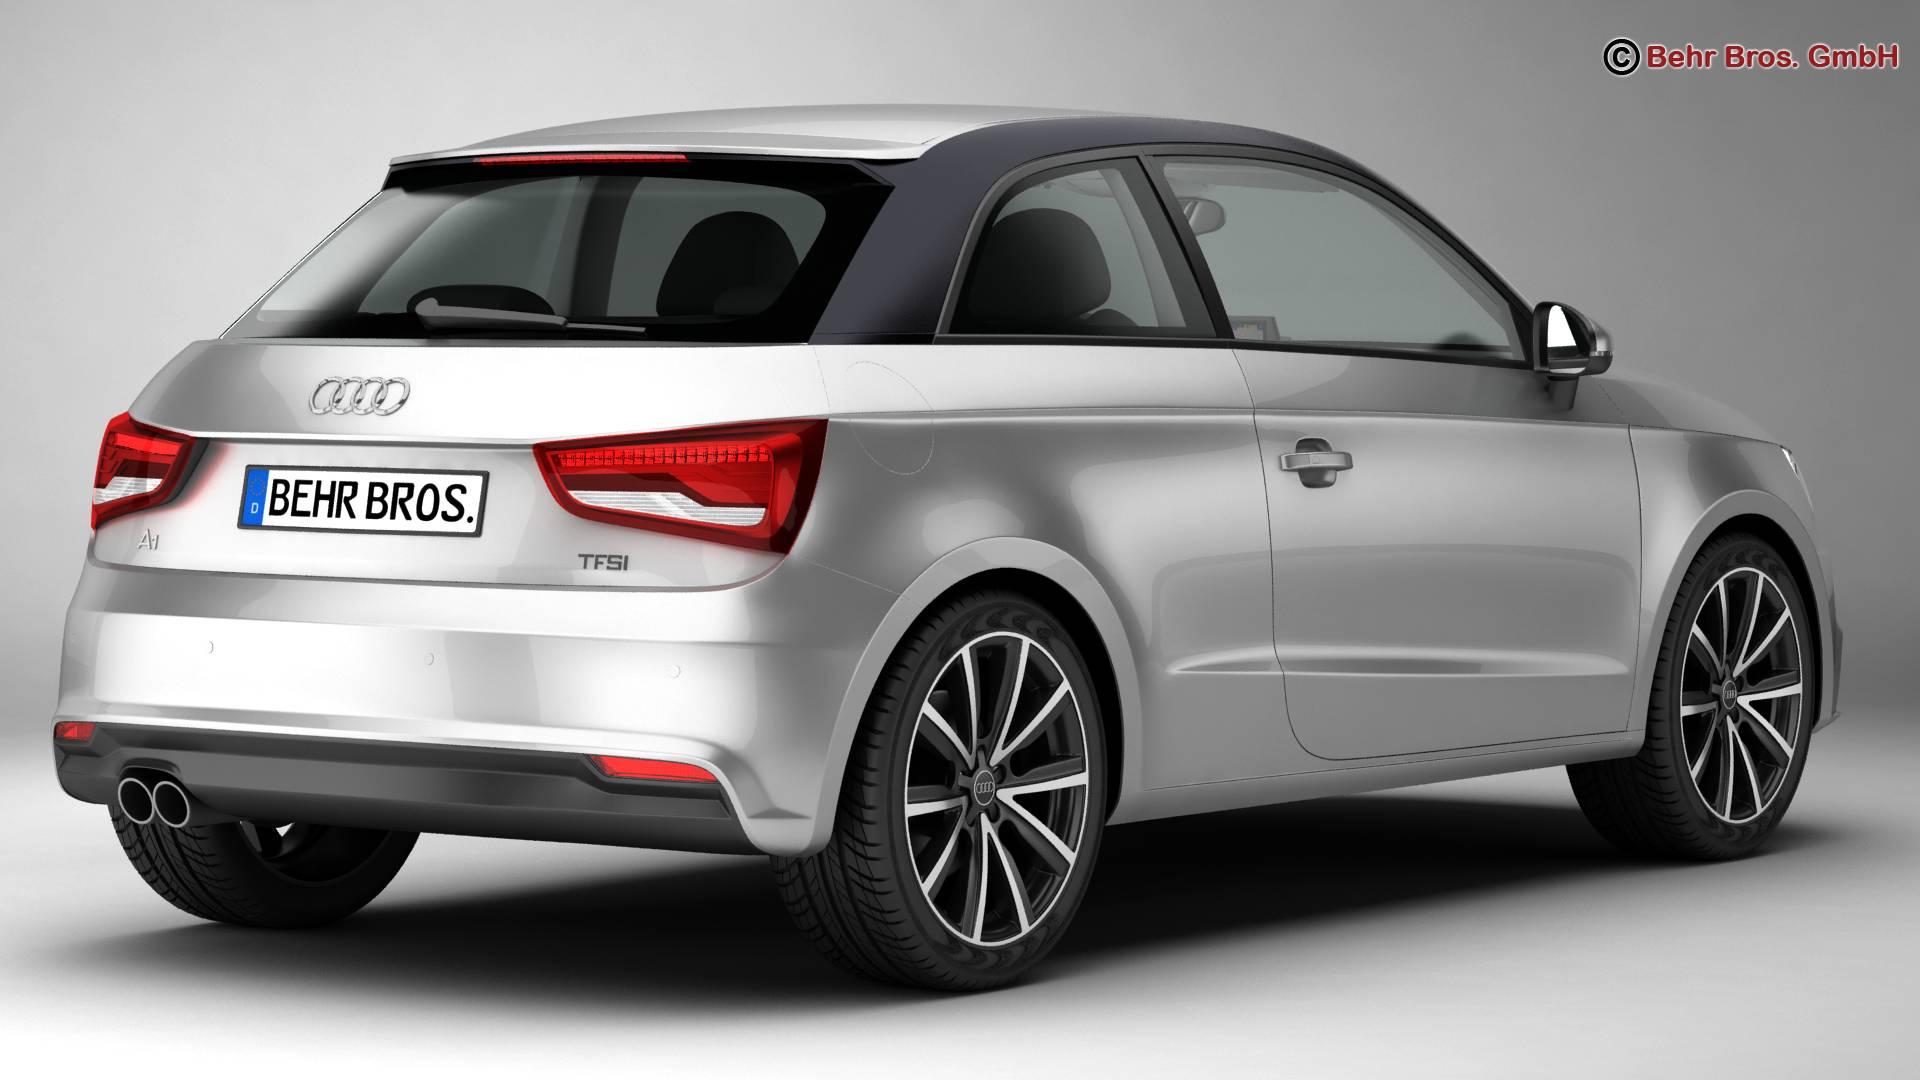 Audi a1 2015 3d model 3ds max fbx c4d am fwy o wybodaeth 214698